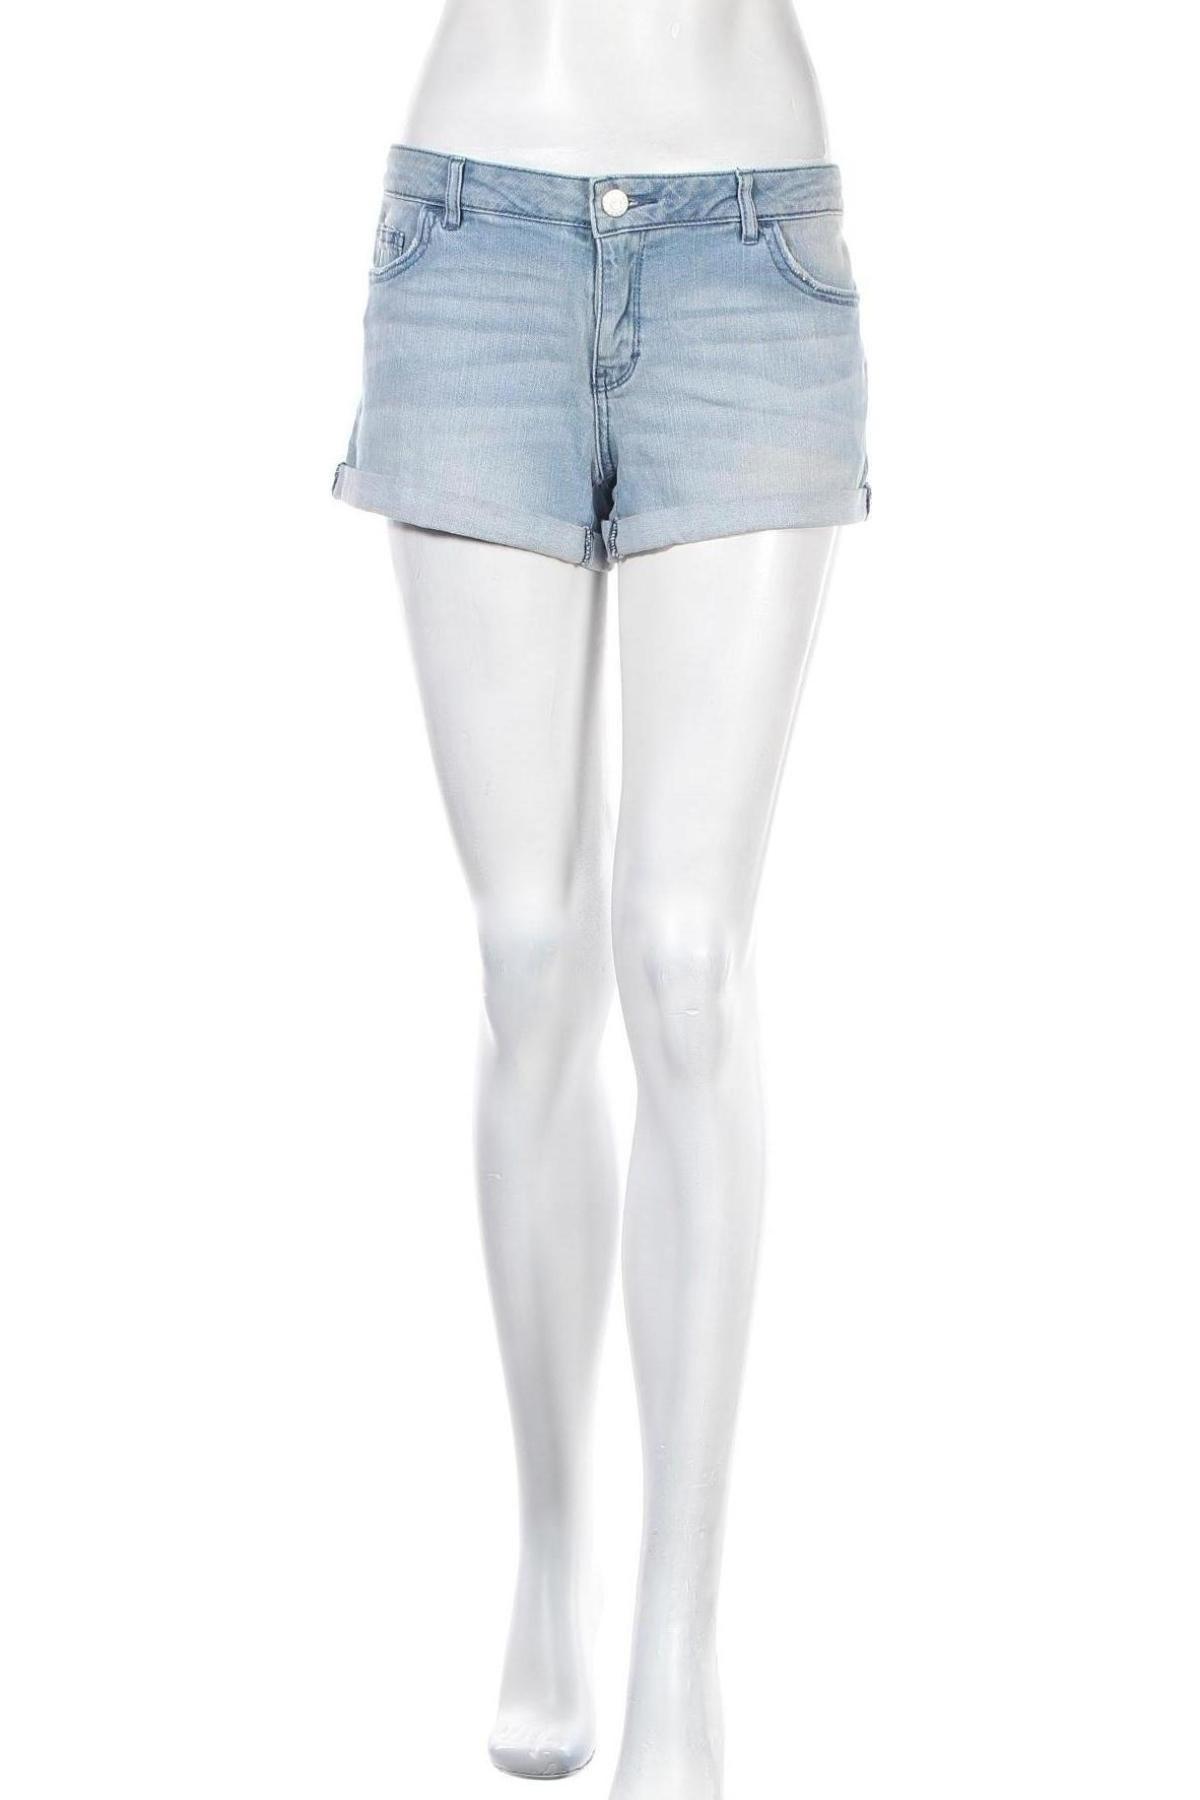 Дамски къс панталон Review, Размер L, Цвят Син, 98% памук, 2% еластан, Цена 24,36лв.